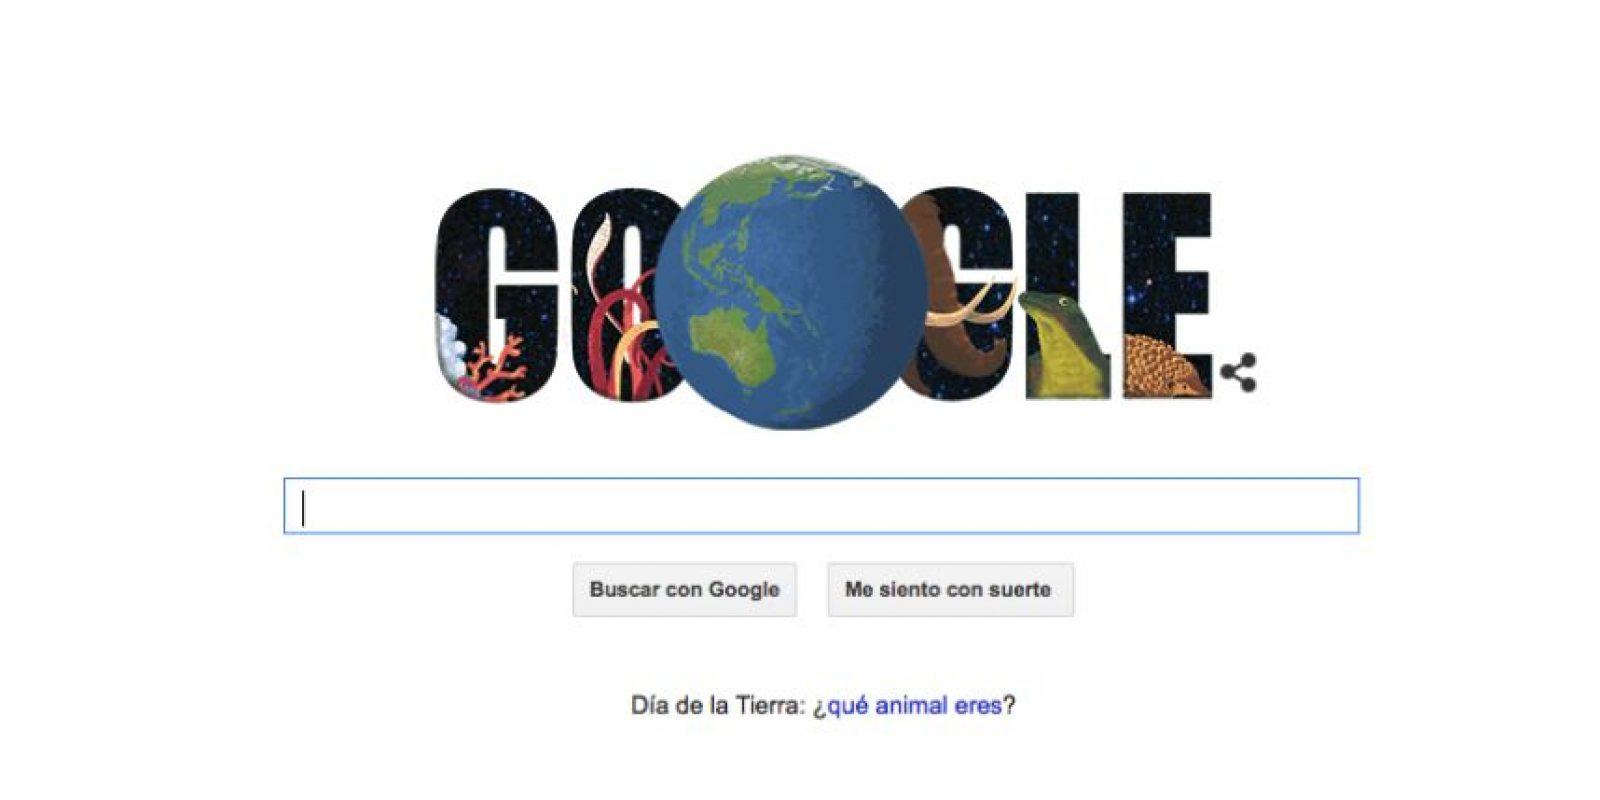 Google les dice qué animales son. Lo interesante es que los animales de los resultados son especies extintas o en peligro de extinción Foto:Google